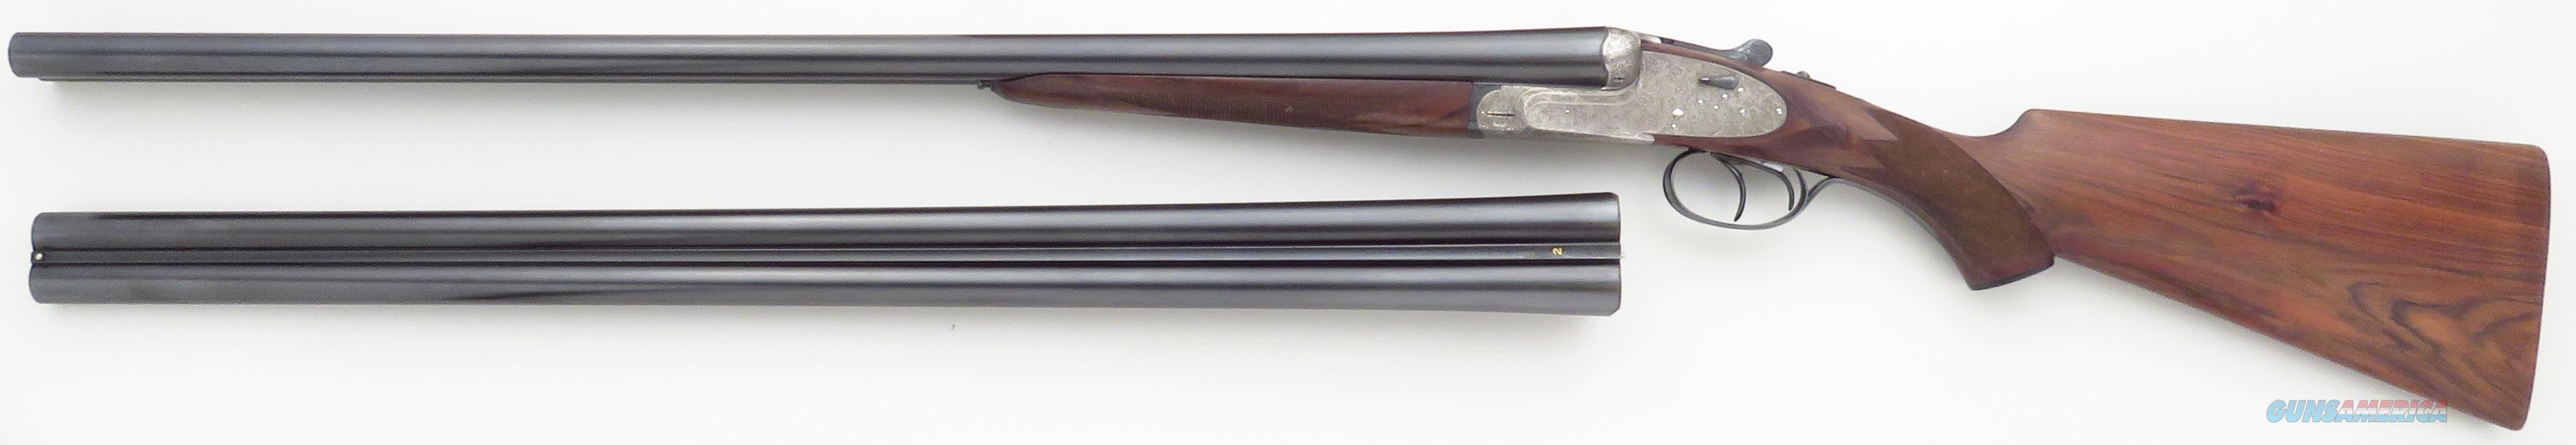 Aya Model 53 12 gauge SxS 2-barrel set, engraved sidelock, ejectors, 1961, cased, 98%  Guns > Shotguns > Double Shotguns (Misc.)  > Spanish